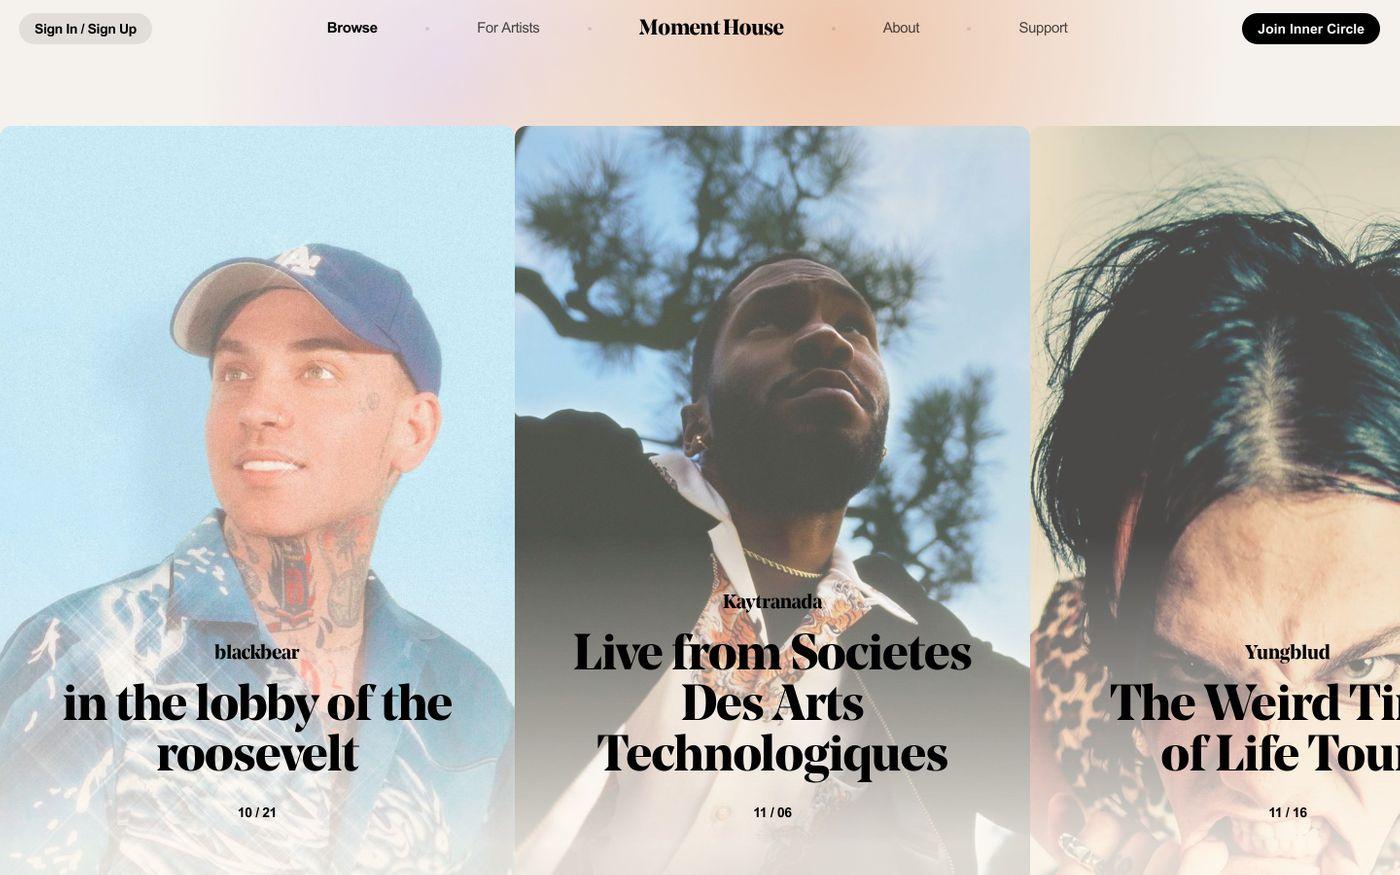 Screenshot of Moment House website